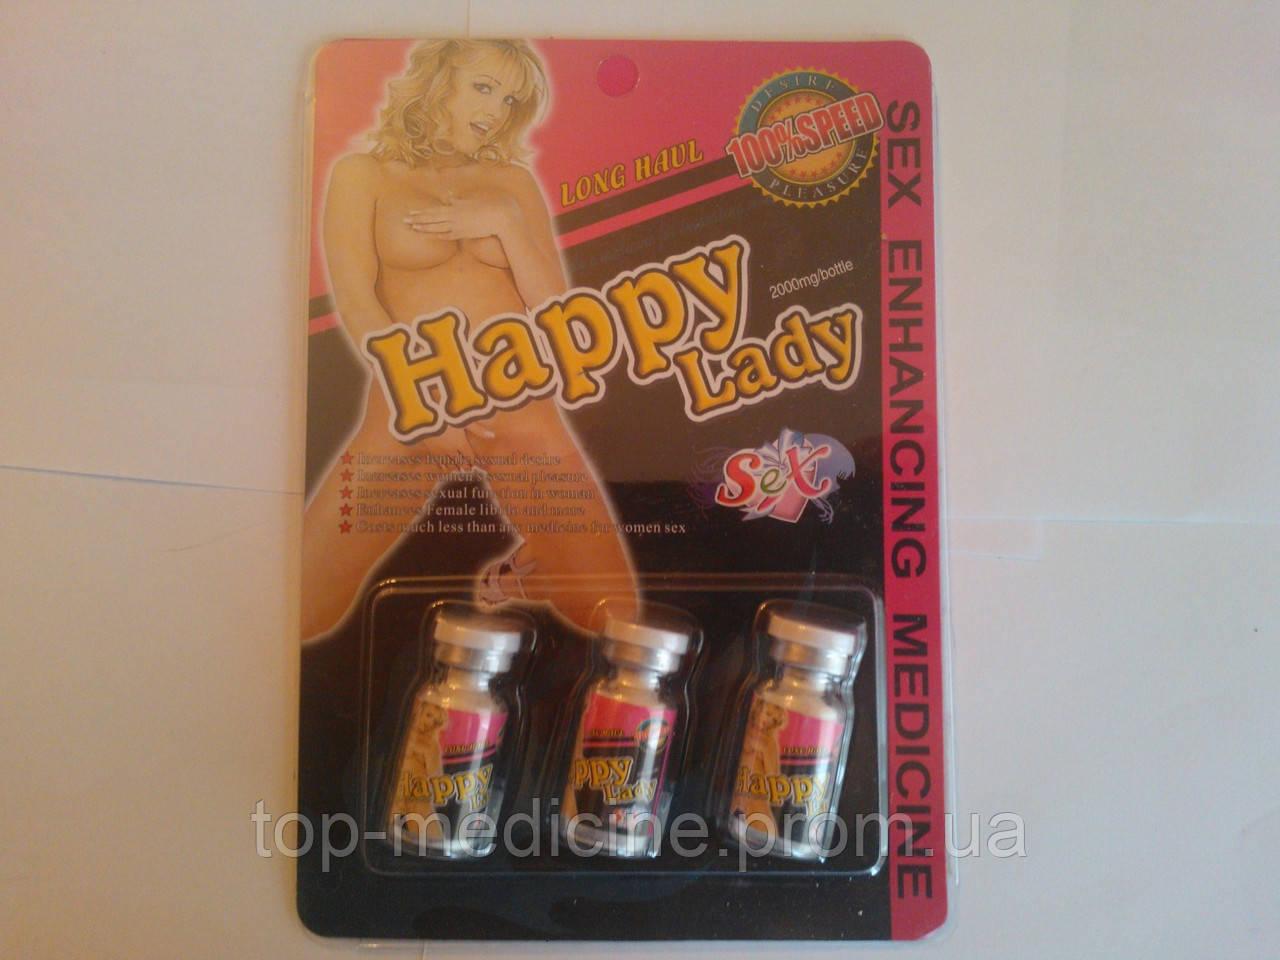 Happy Lady - женский возбудитель. 3 бут